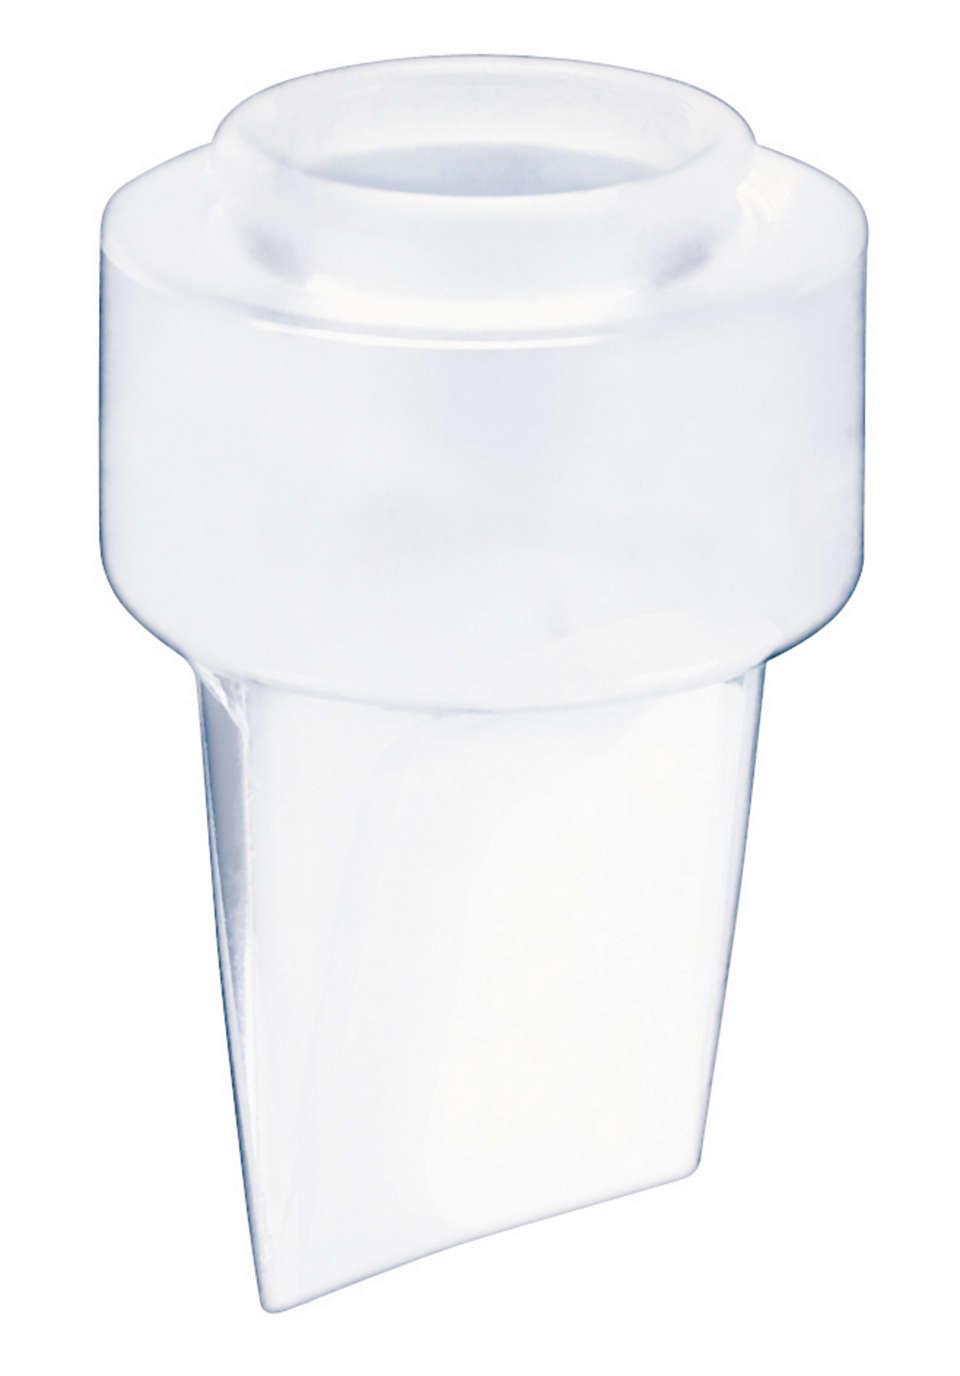 Gör att mjölk kan rinna in i flaskan